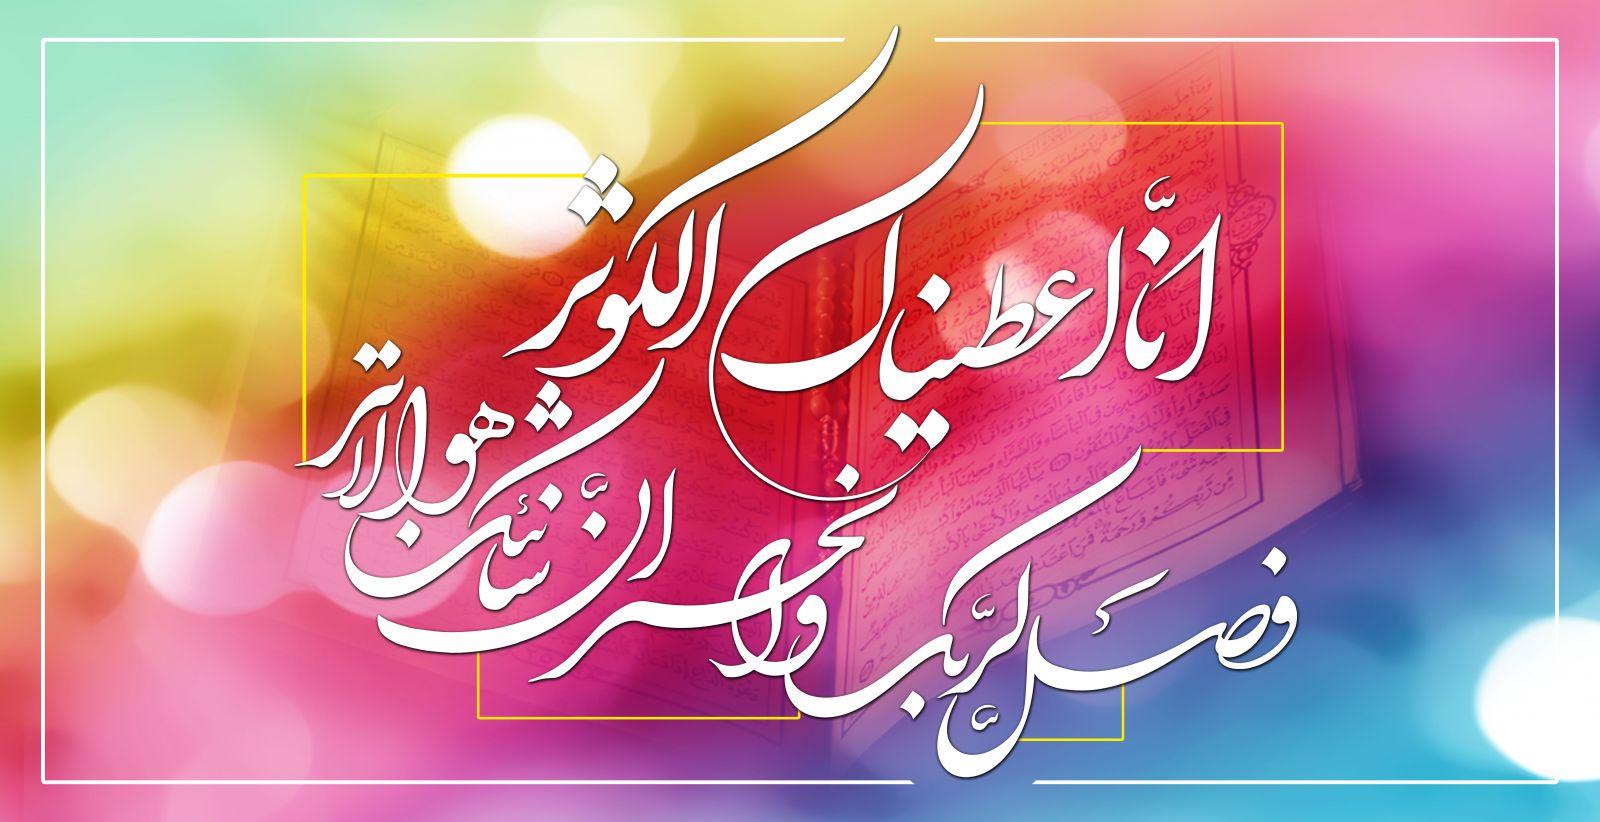 عصر دانایی و آگاهی استاد محمد امین آراسته